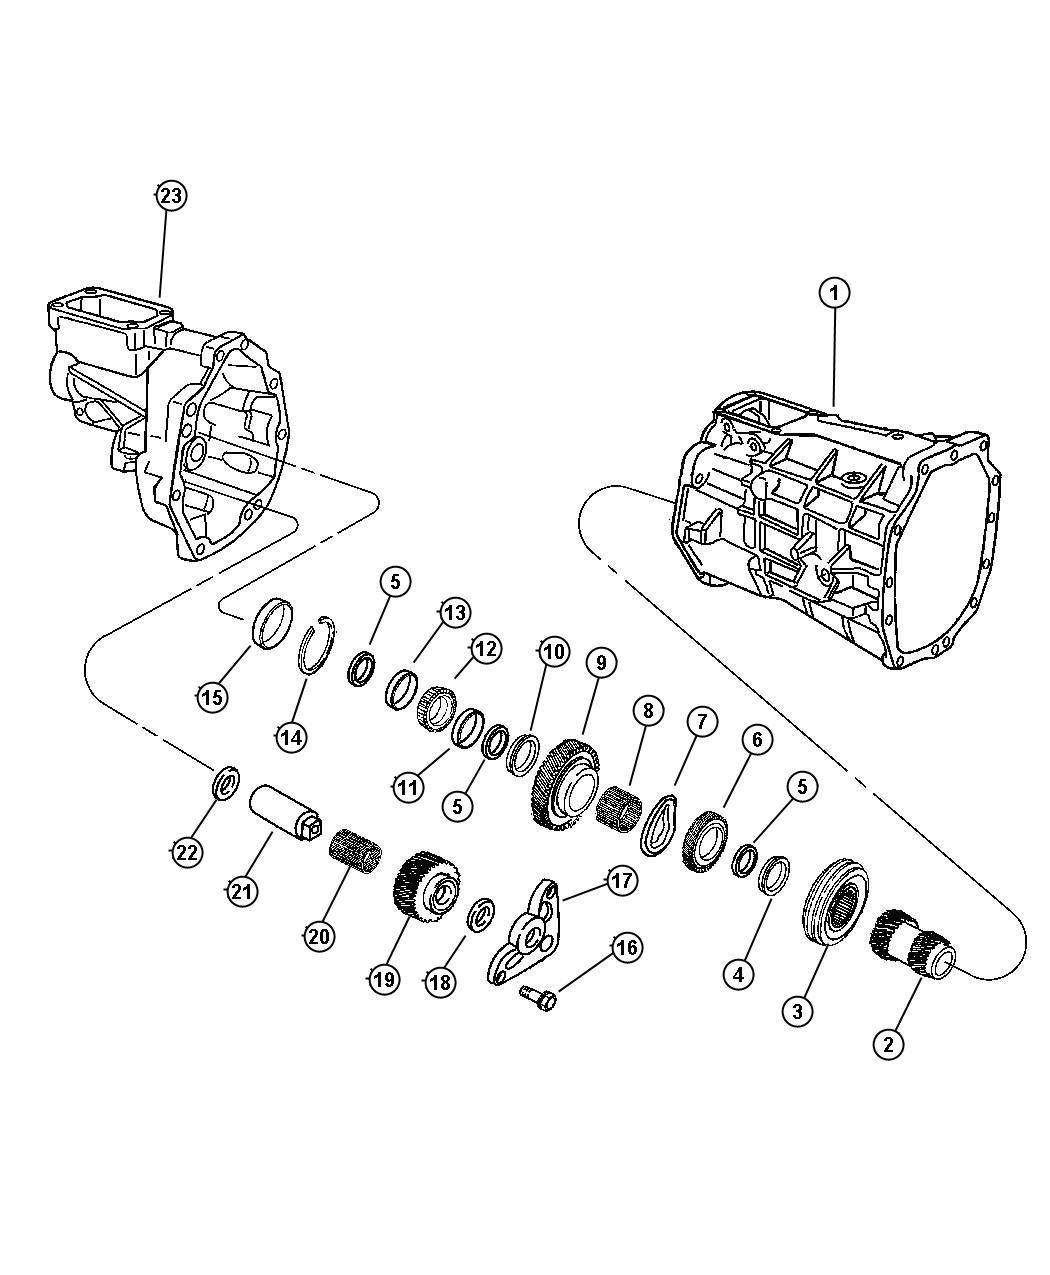 Dodge Viper Synchronizer Reverse System